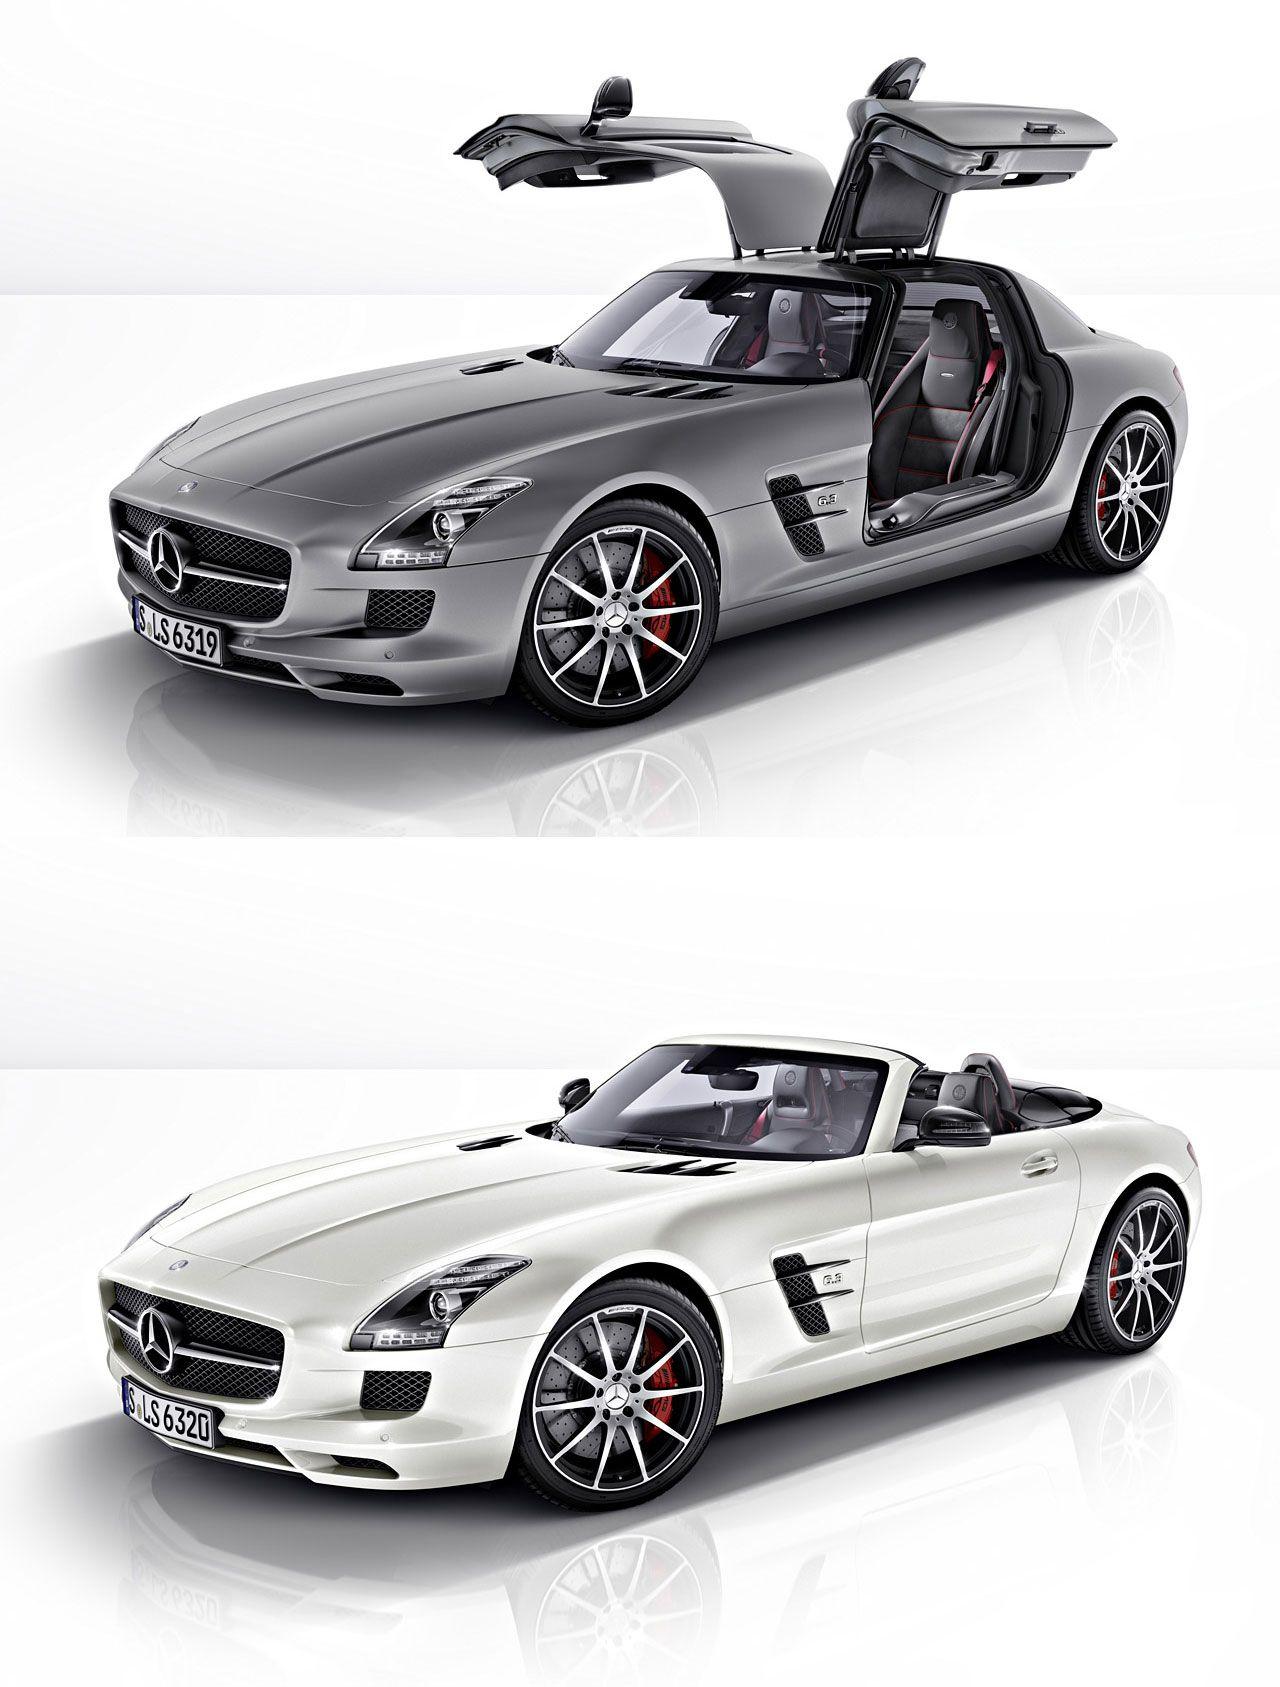 Mercedes Benz 2013 SLS AMG GT